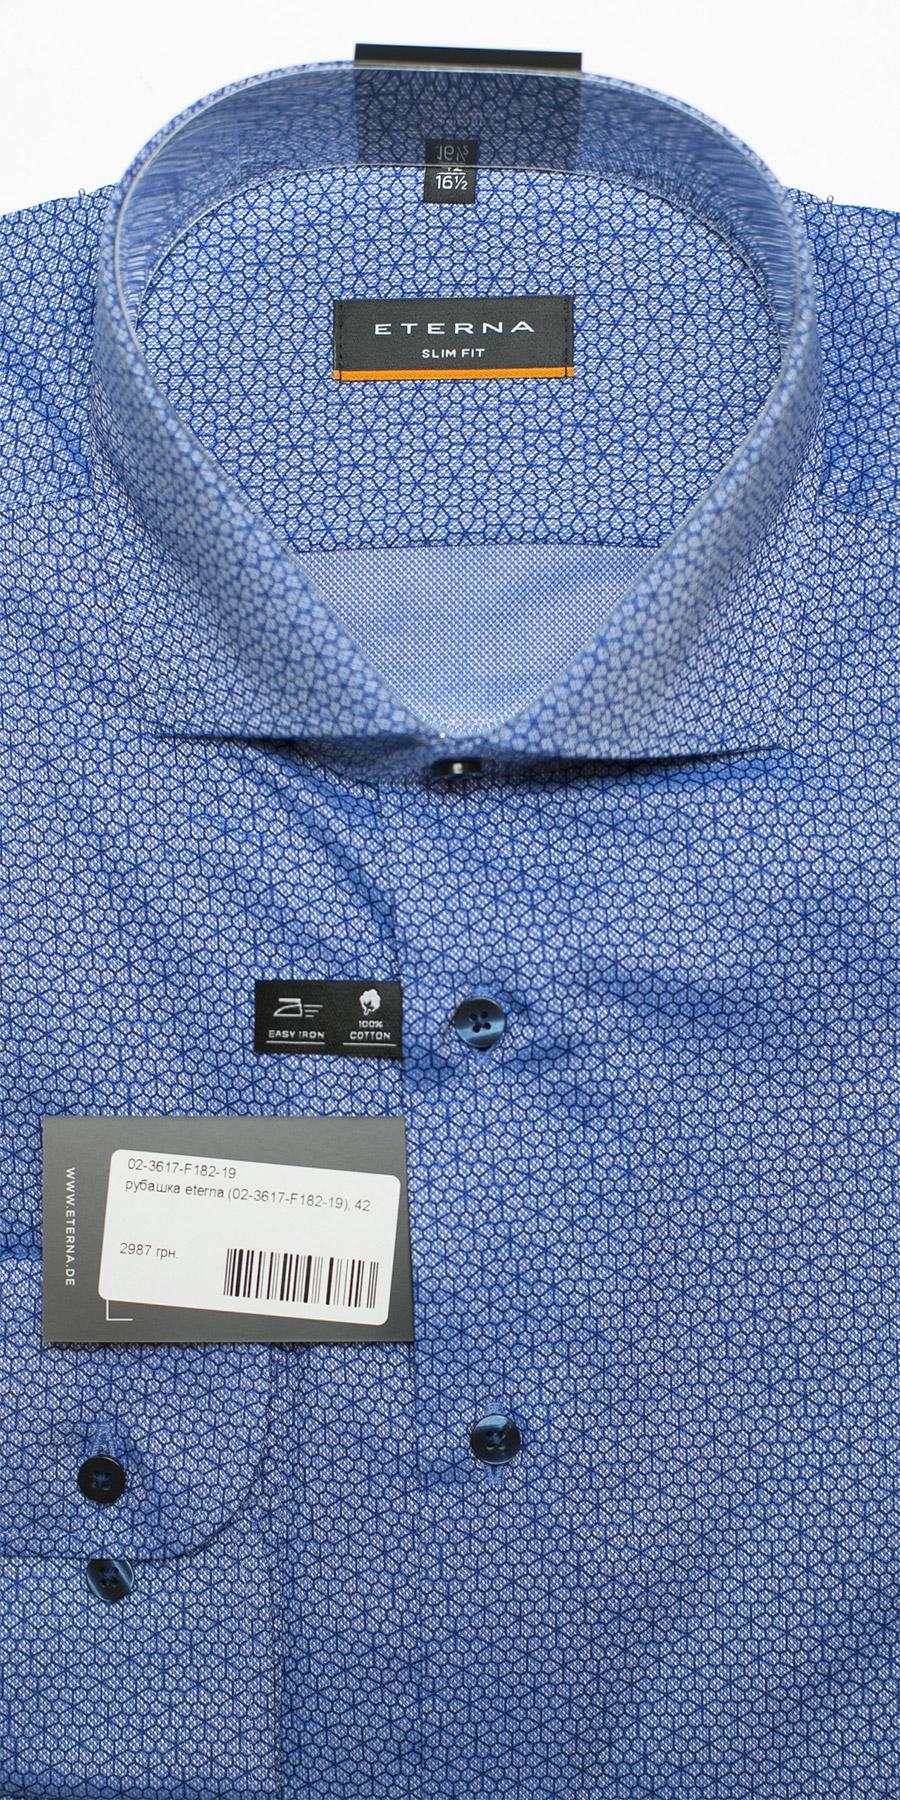 2e2eb4e46a31616 Slim Fit голубая рубашка с принтом длинный рукав 02-3617-F182-19 - купить в  интернет-магазине Eterna в Украине